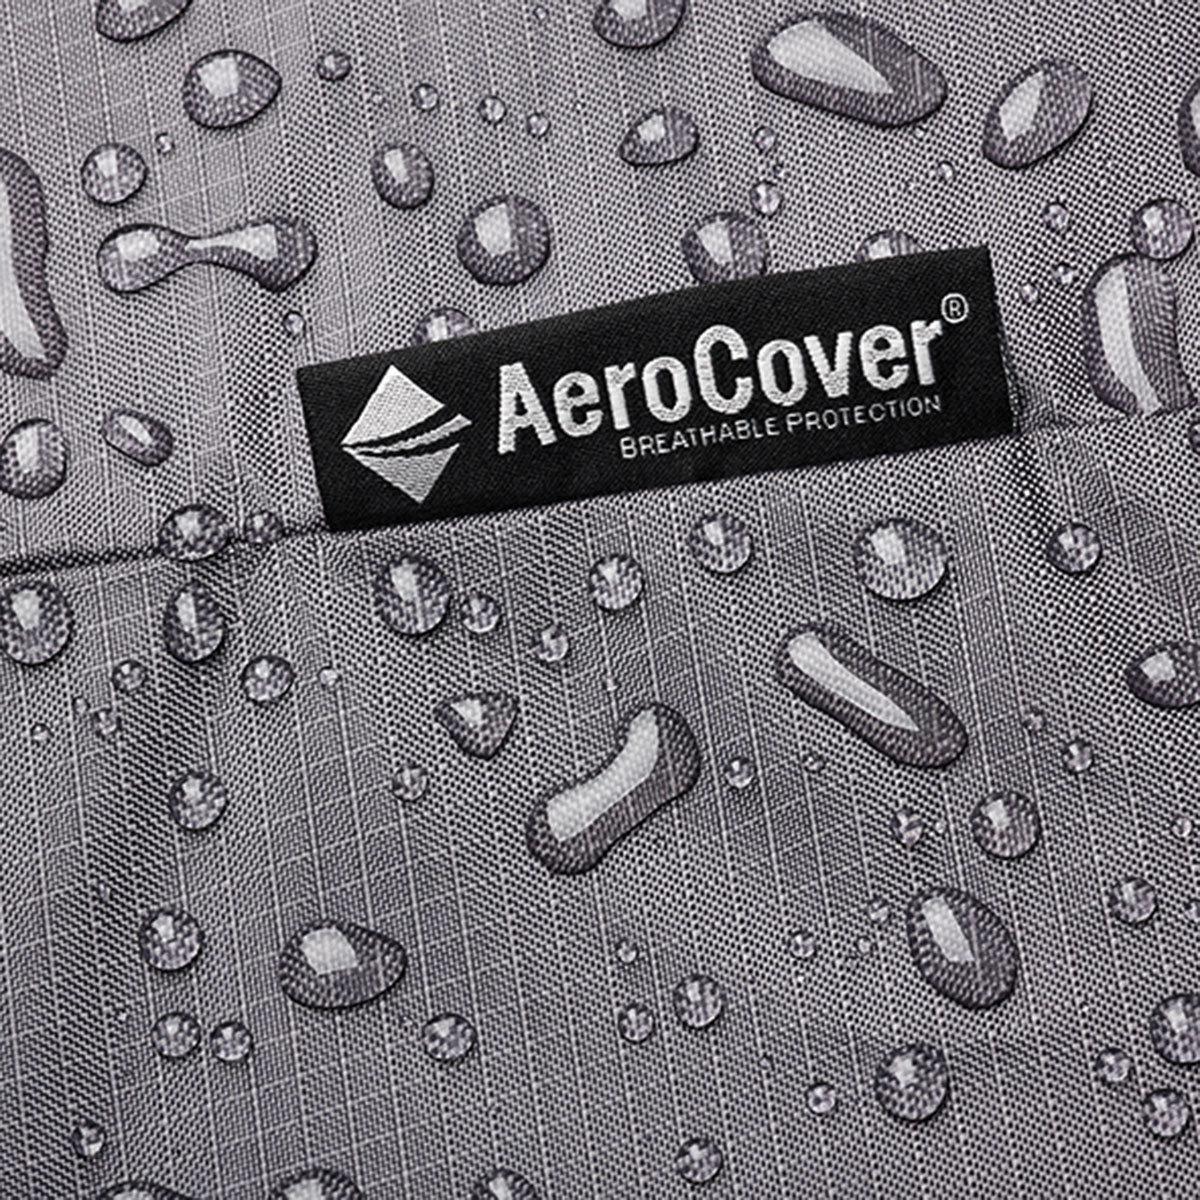 Schutzhülle AeroCover für Bänke, 160 cm | #3